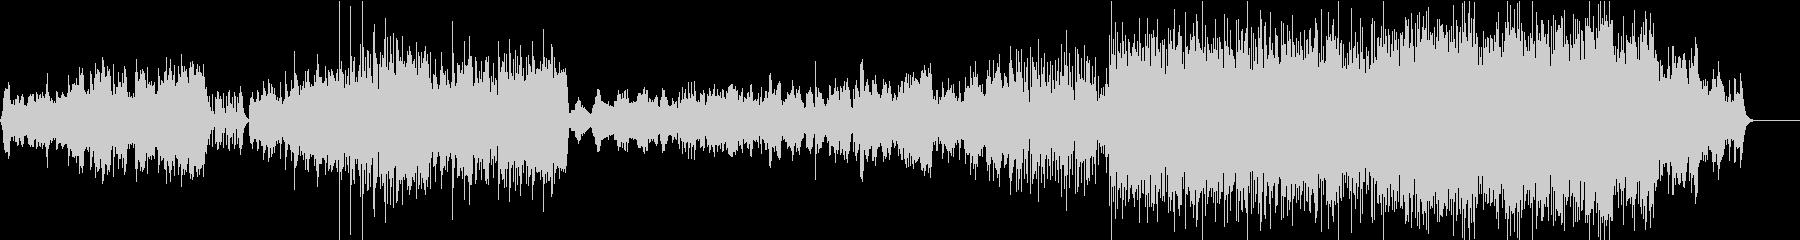 美しく、悲しげなハープの音色の未再生の波形